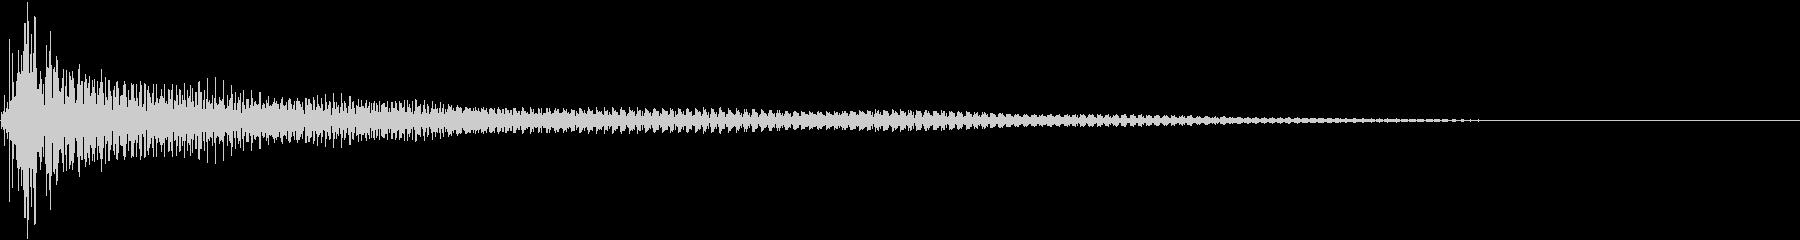 アコースティックギターの音3の未再生の波形